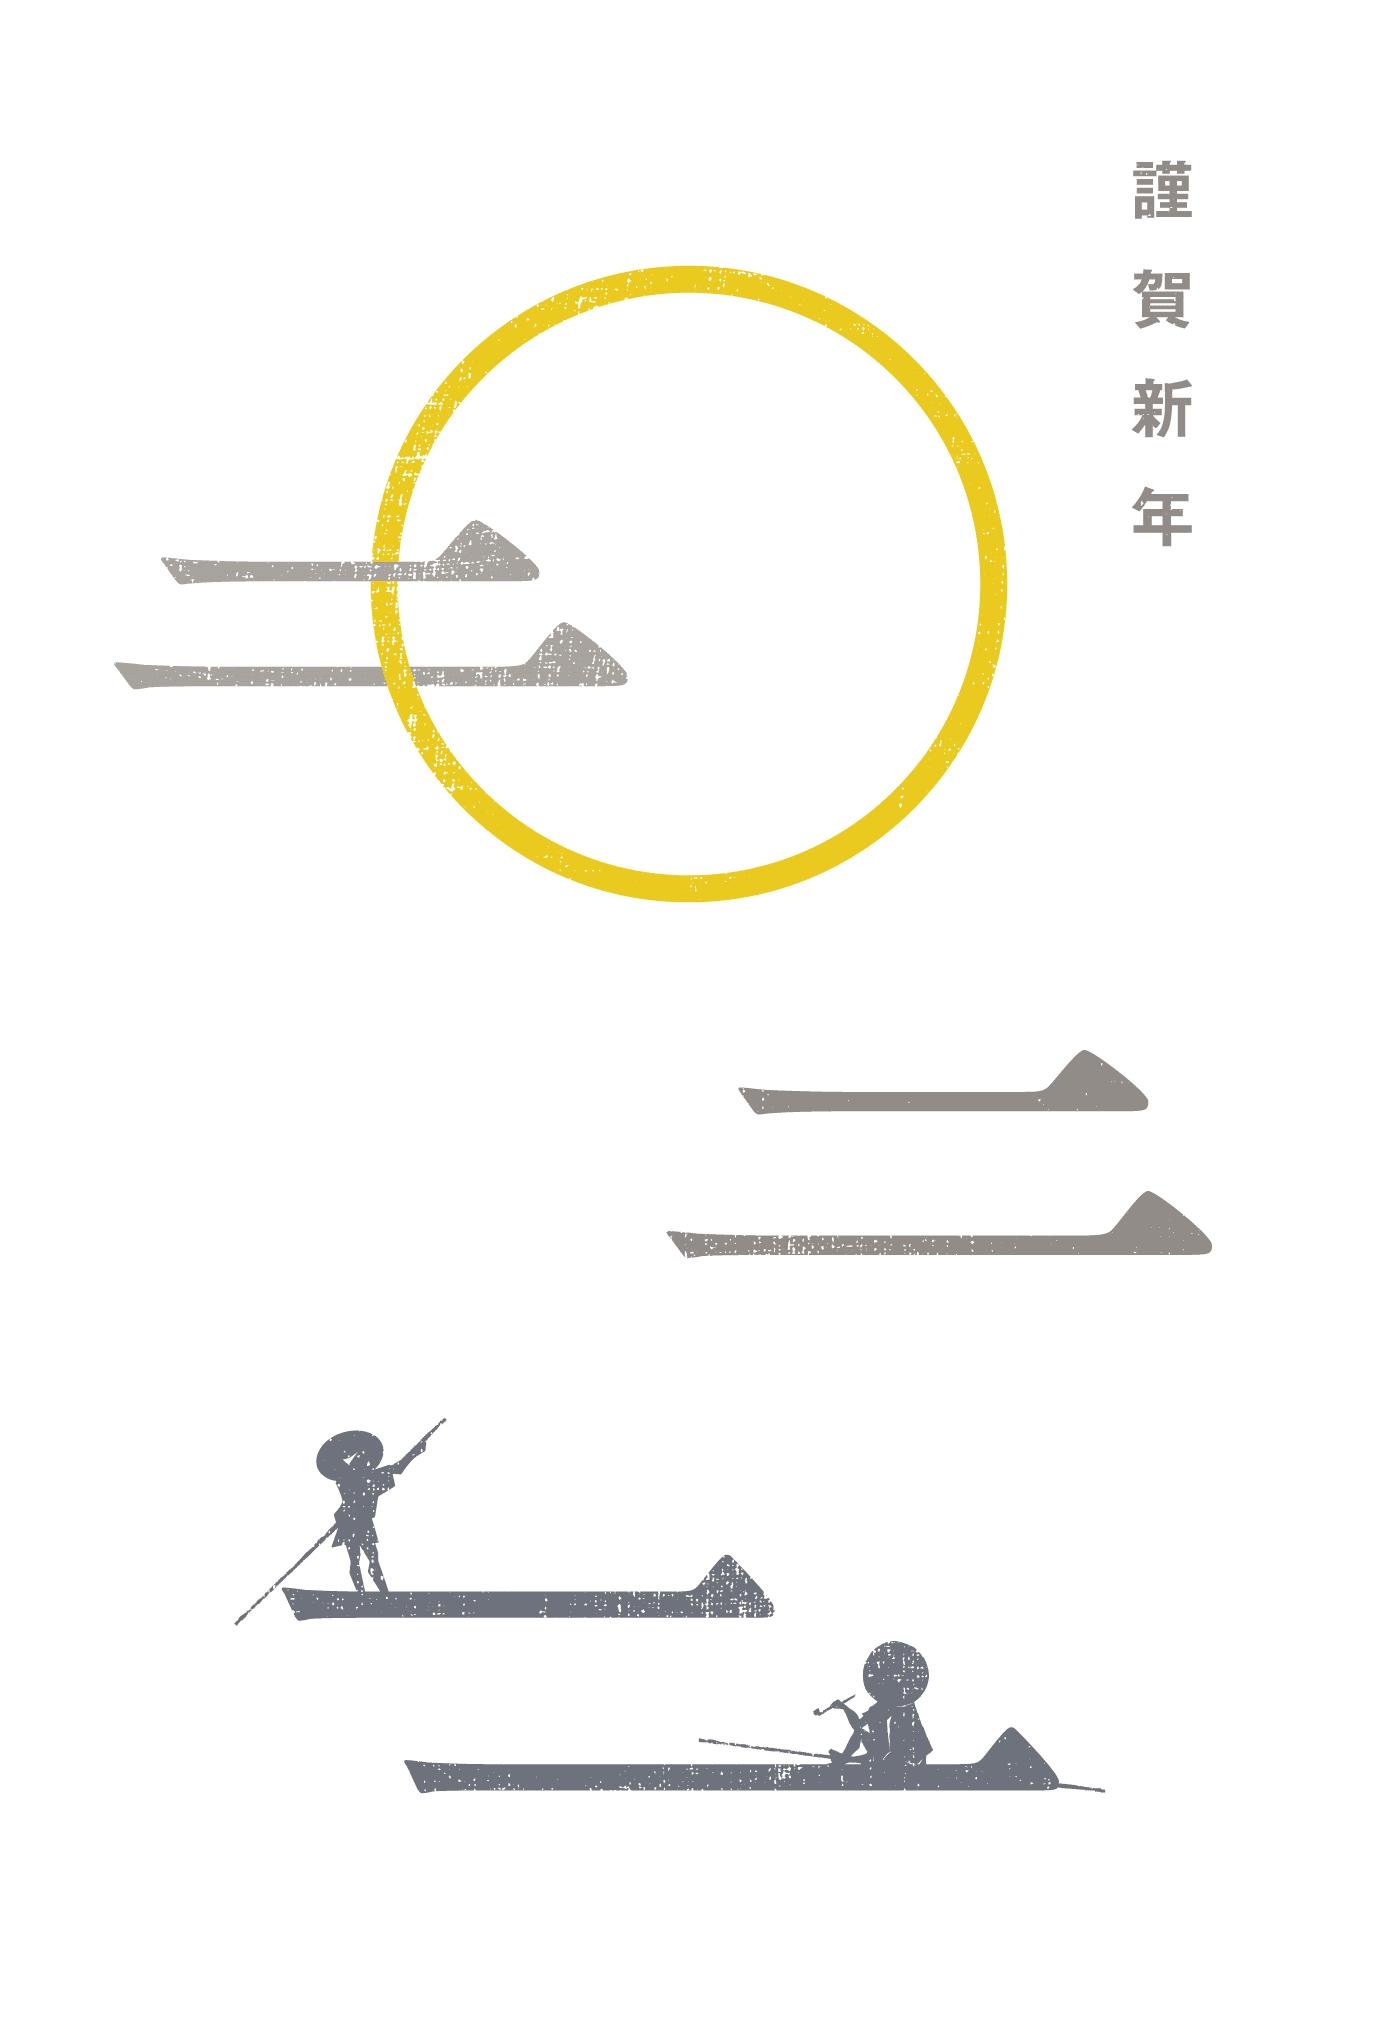 2022年賀状19-1:明朝の船頭 二〇二二(謹賀新年)のダウンロード画像